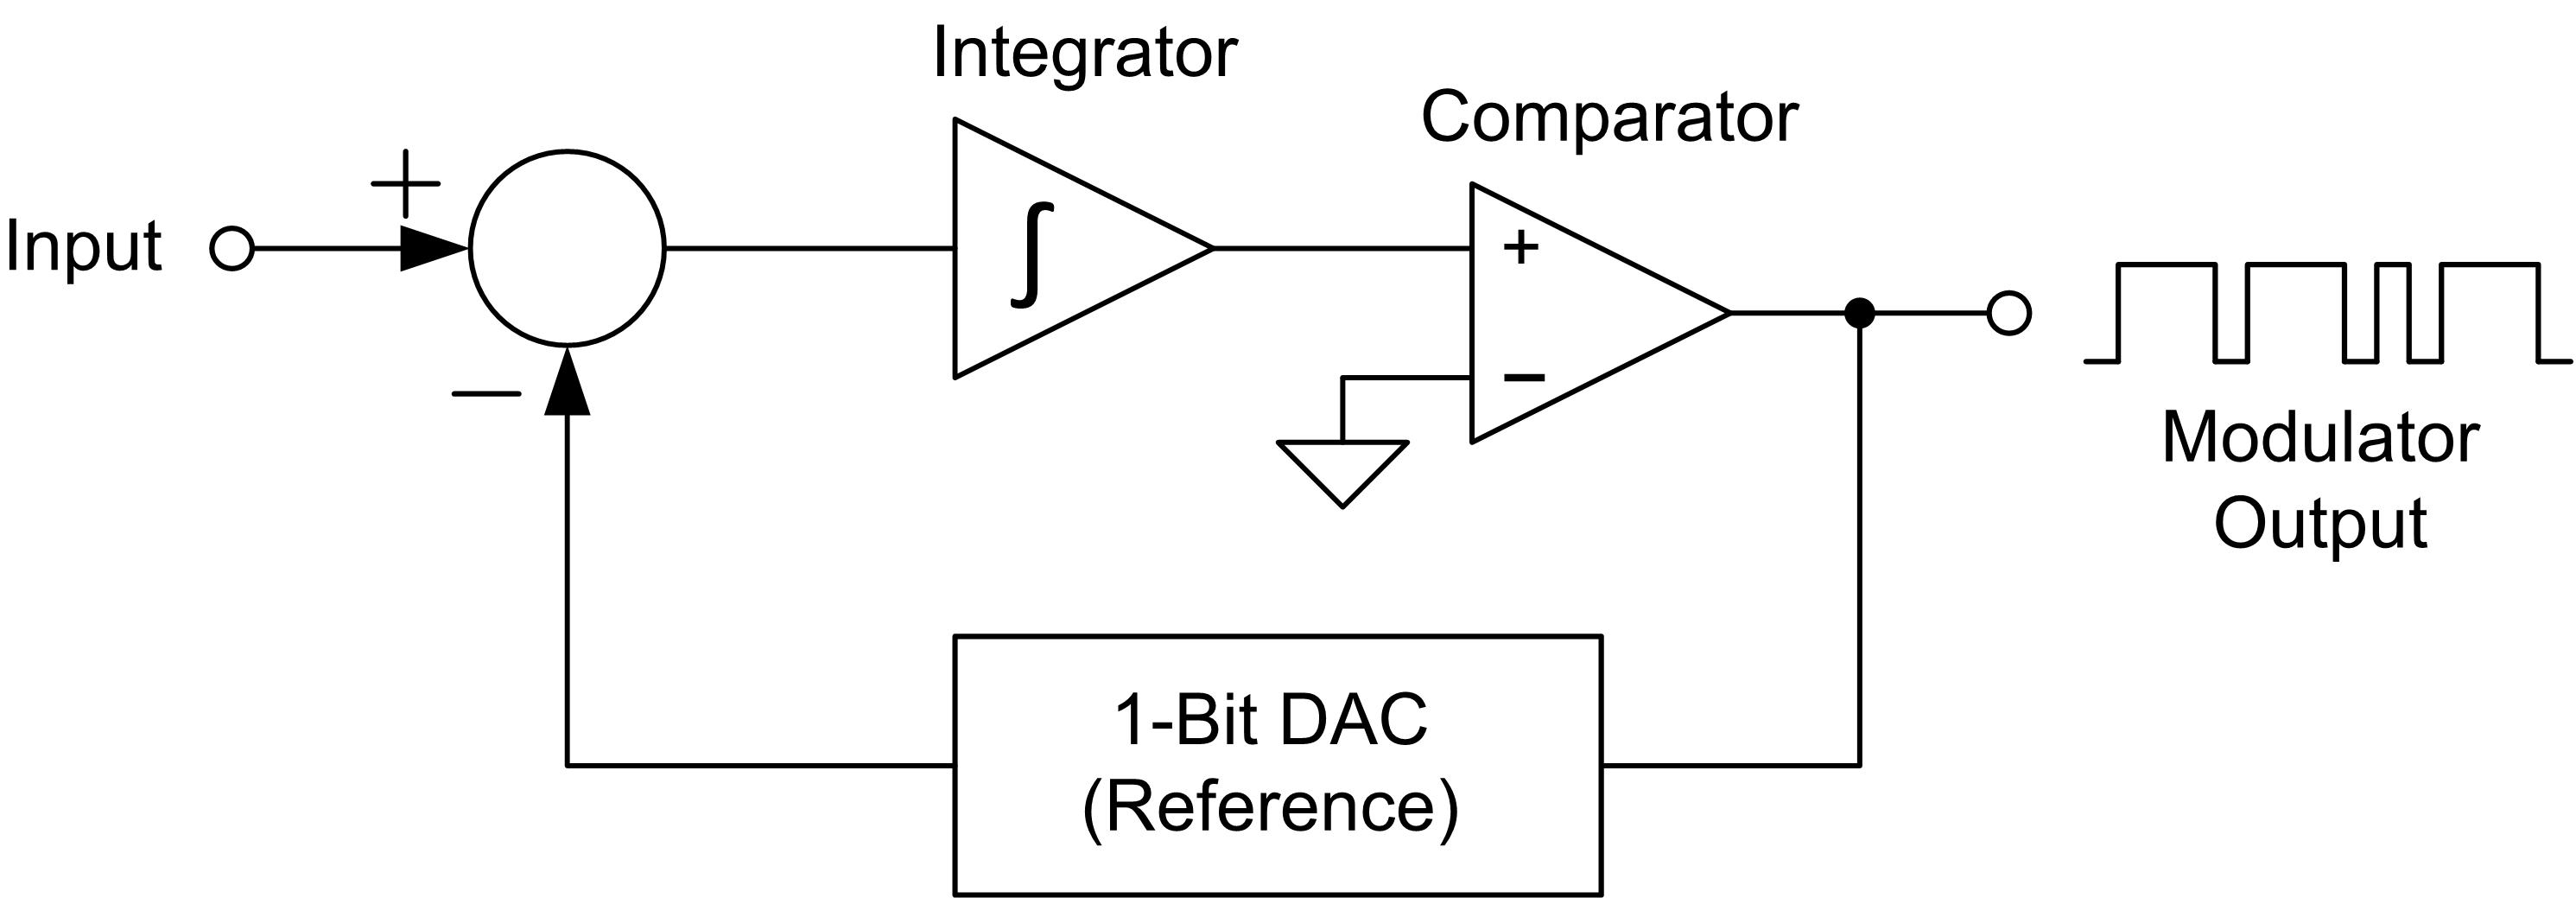 delta sigma adc basics understanding the delta sigma modulator rh e2e ti com Delta Sigma Phi Delta Sigma Theta Backgrounds